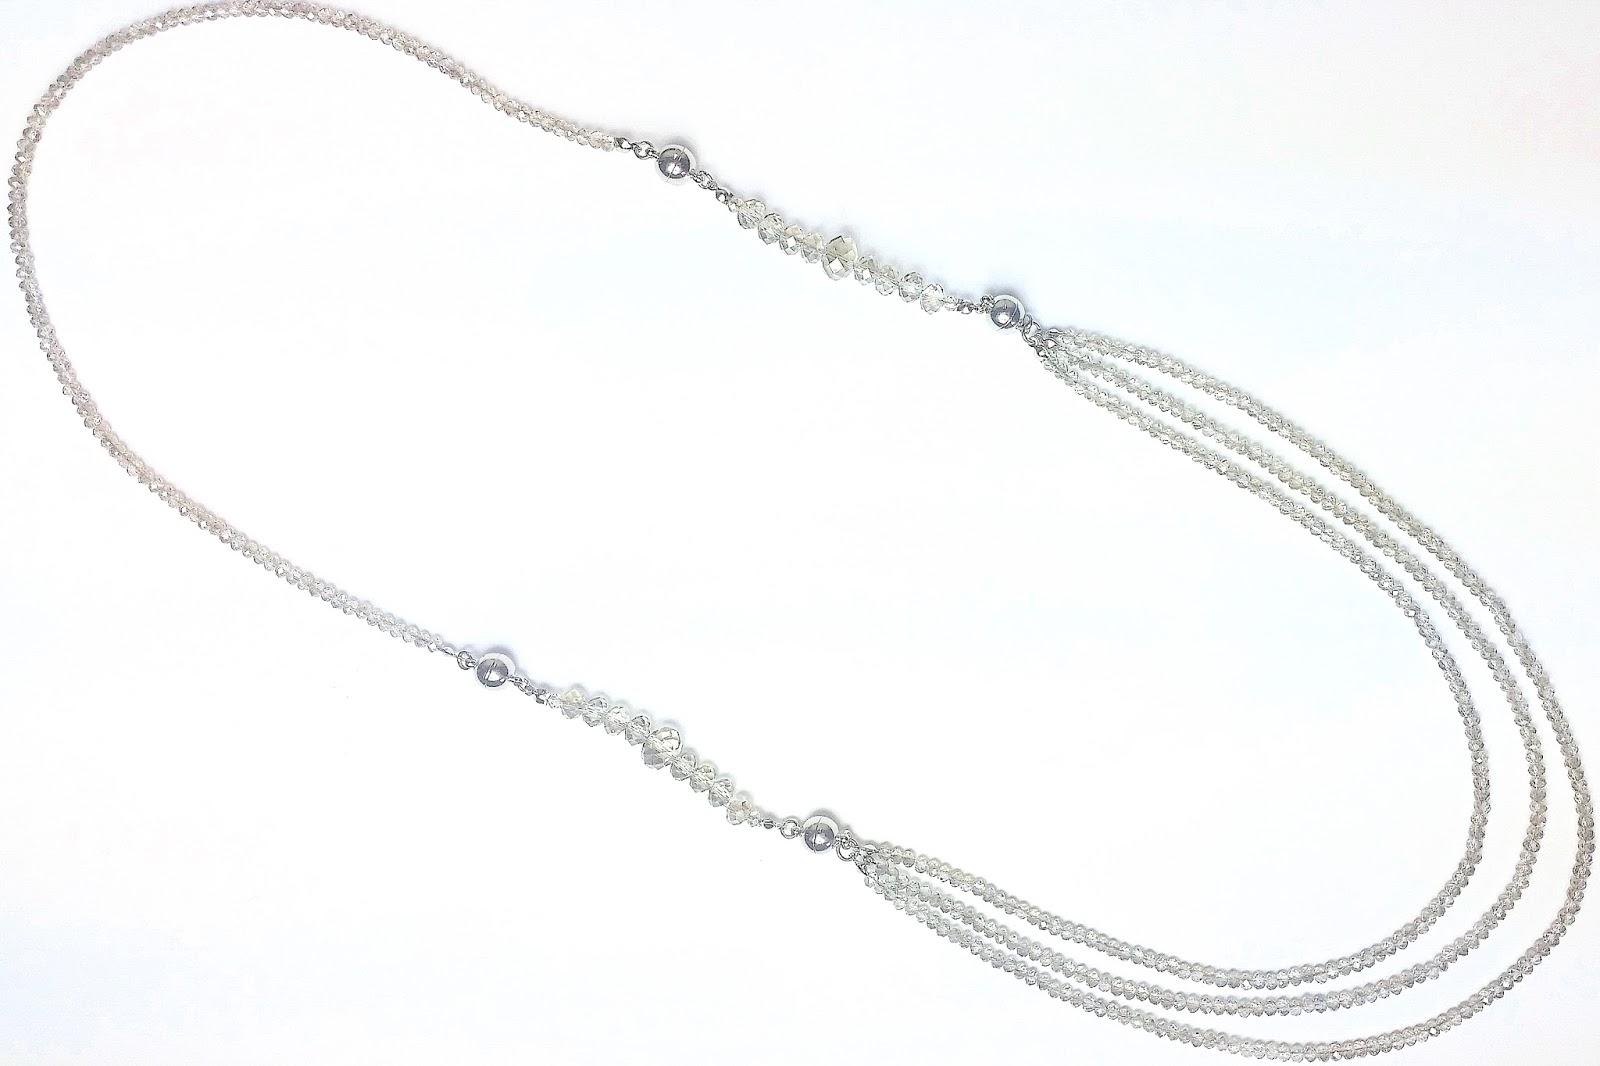 10 Way Necklace Swarovski Crystal Jewellery Candyfairy Blog